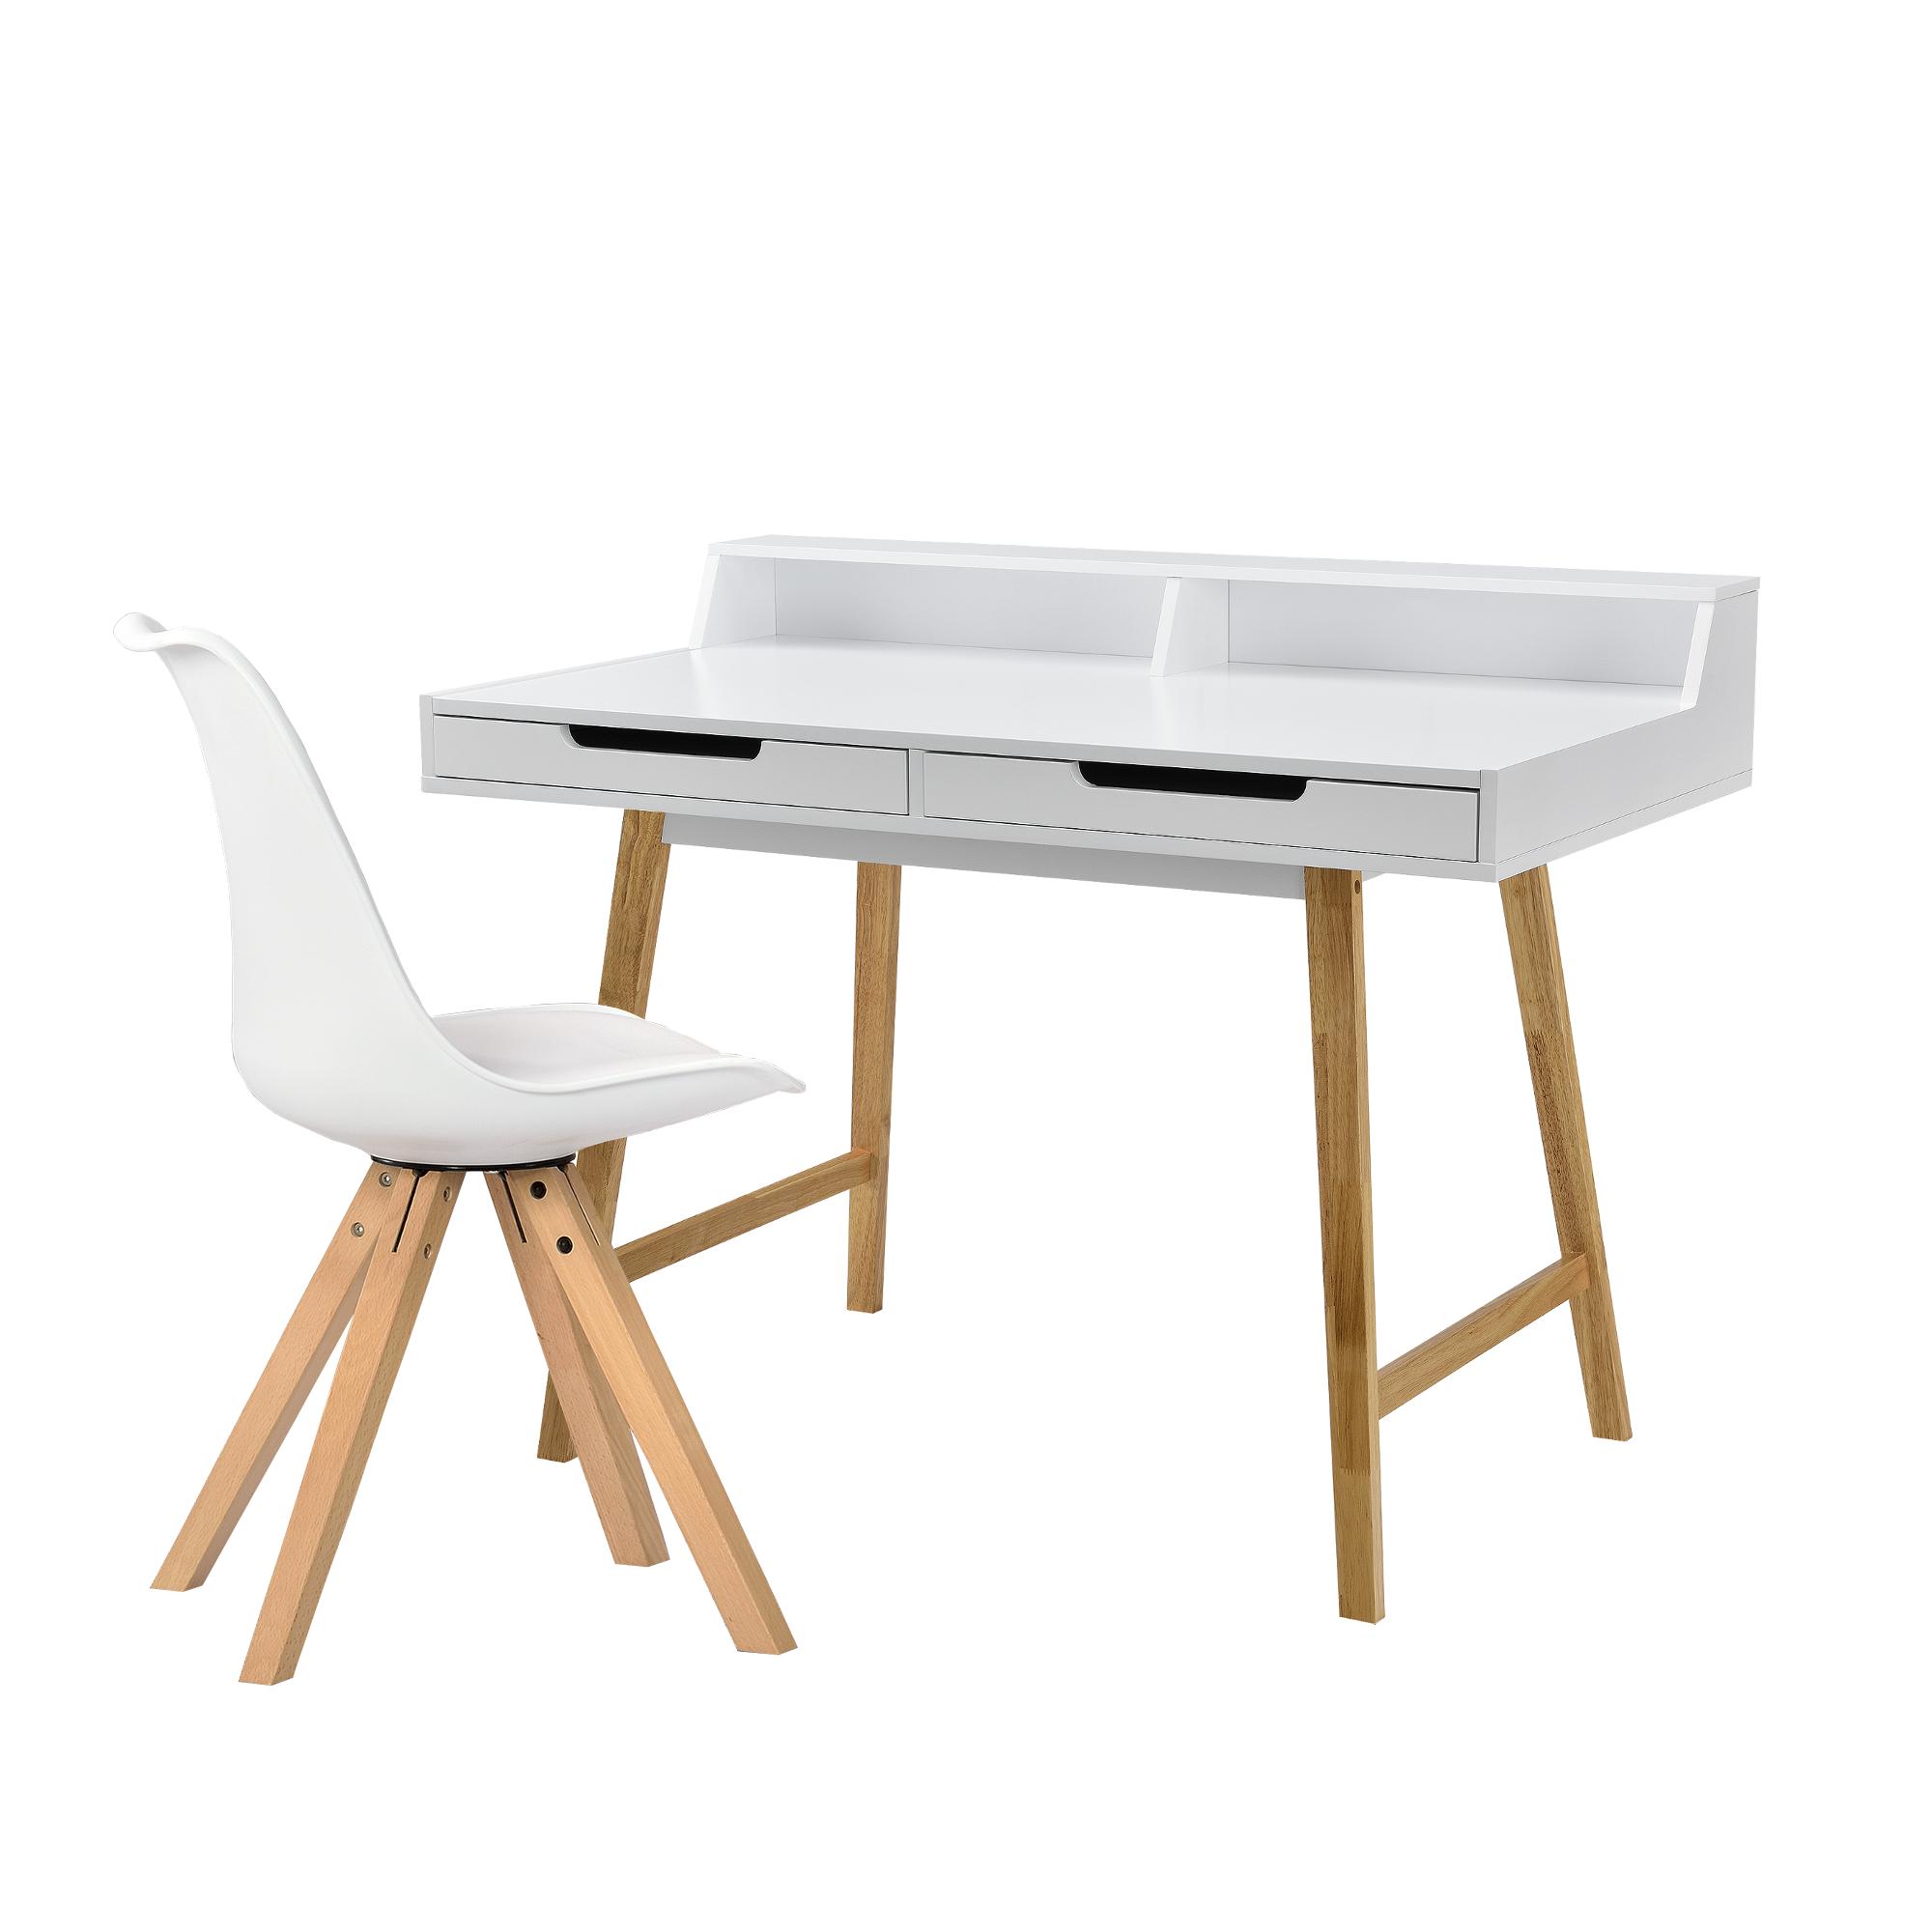 EncasaRetro Bureau Avec Chaise Blanc Meuble Dordinateur Table Console